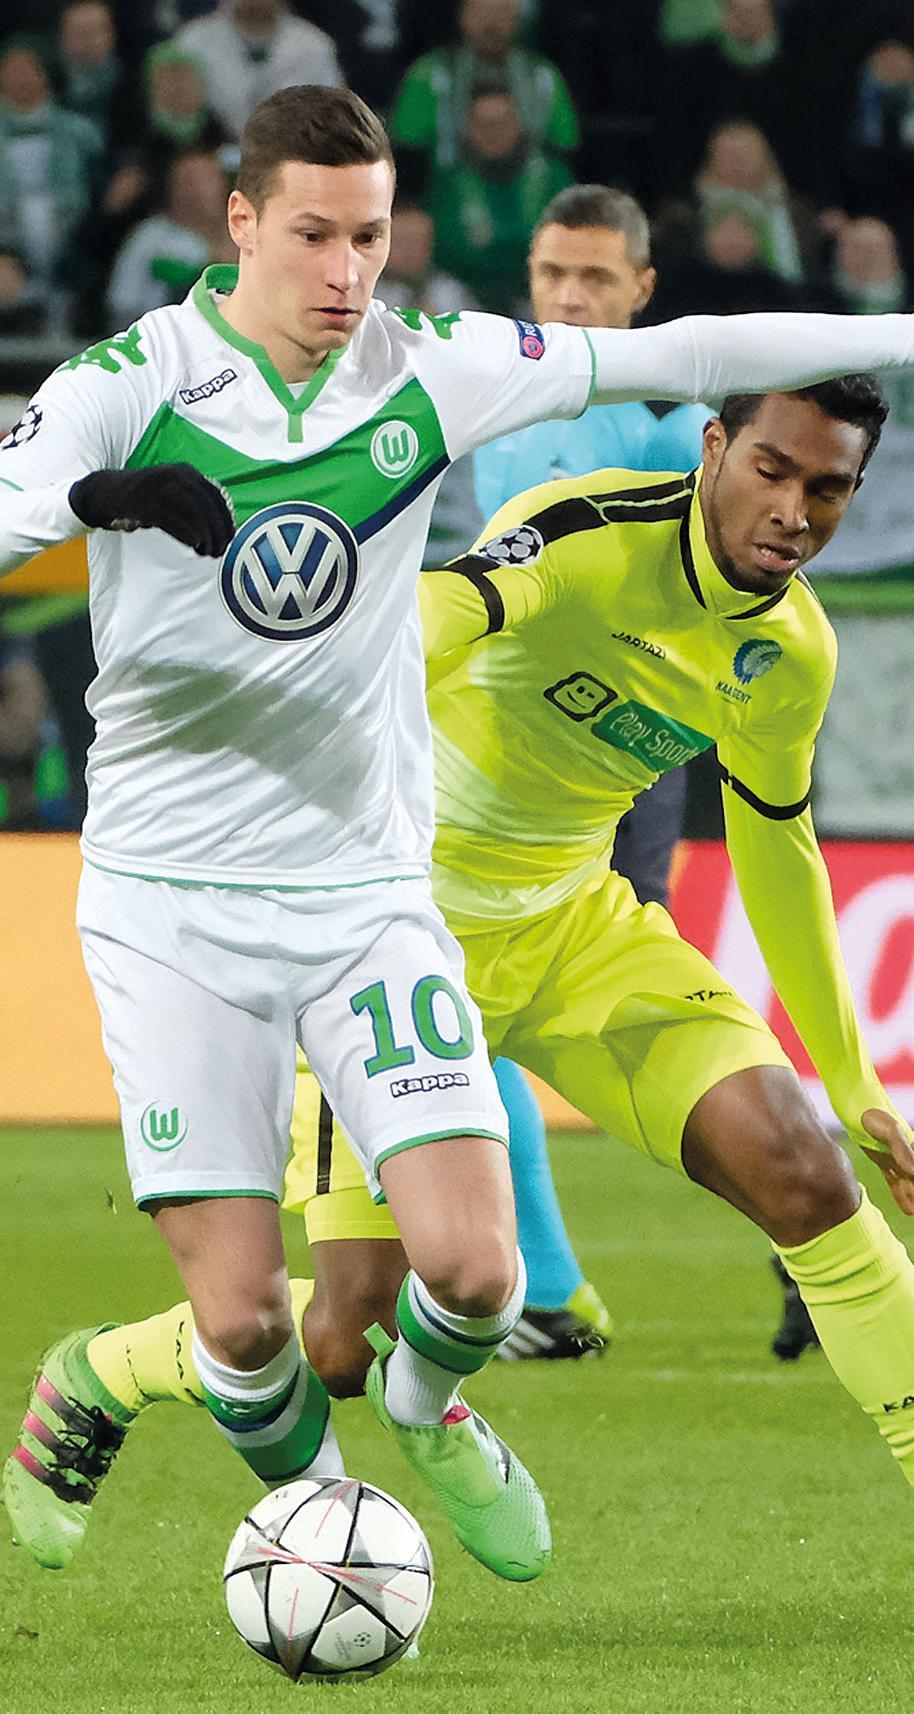 Durchgesetzt: Gegen Gent schafften Julian Draxler und Co. 2016 den Einzug ins Champions-League-Viertelfinale – der größte VfL-Erfolg auf internationaler Ebene.